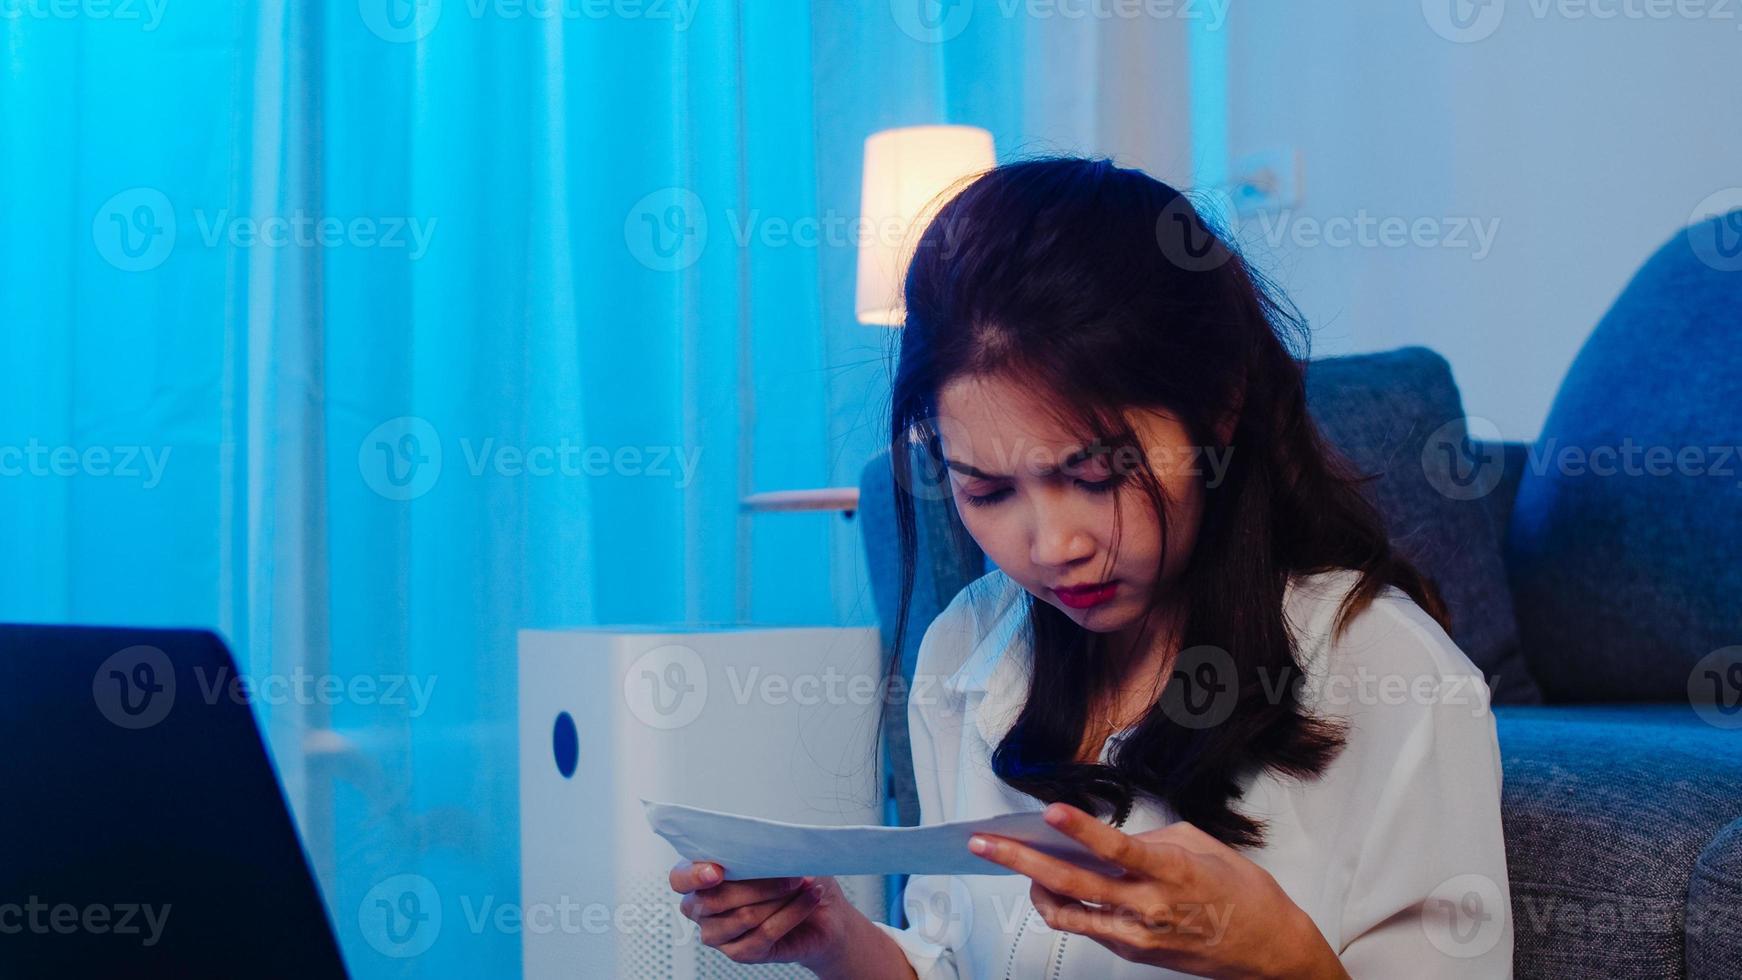 trötta asiatiska kvinnor känner sig stressade på grund av ekonomiska problem hemma. arbeta hemifrån överbelastning på natten, distansarbete, självisolering, social distansering, karantän för förebyggande av coronavirus. foto